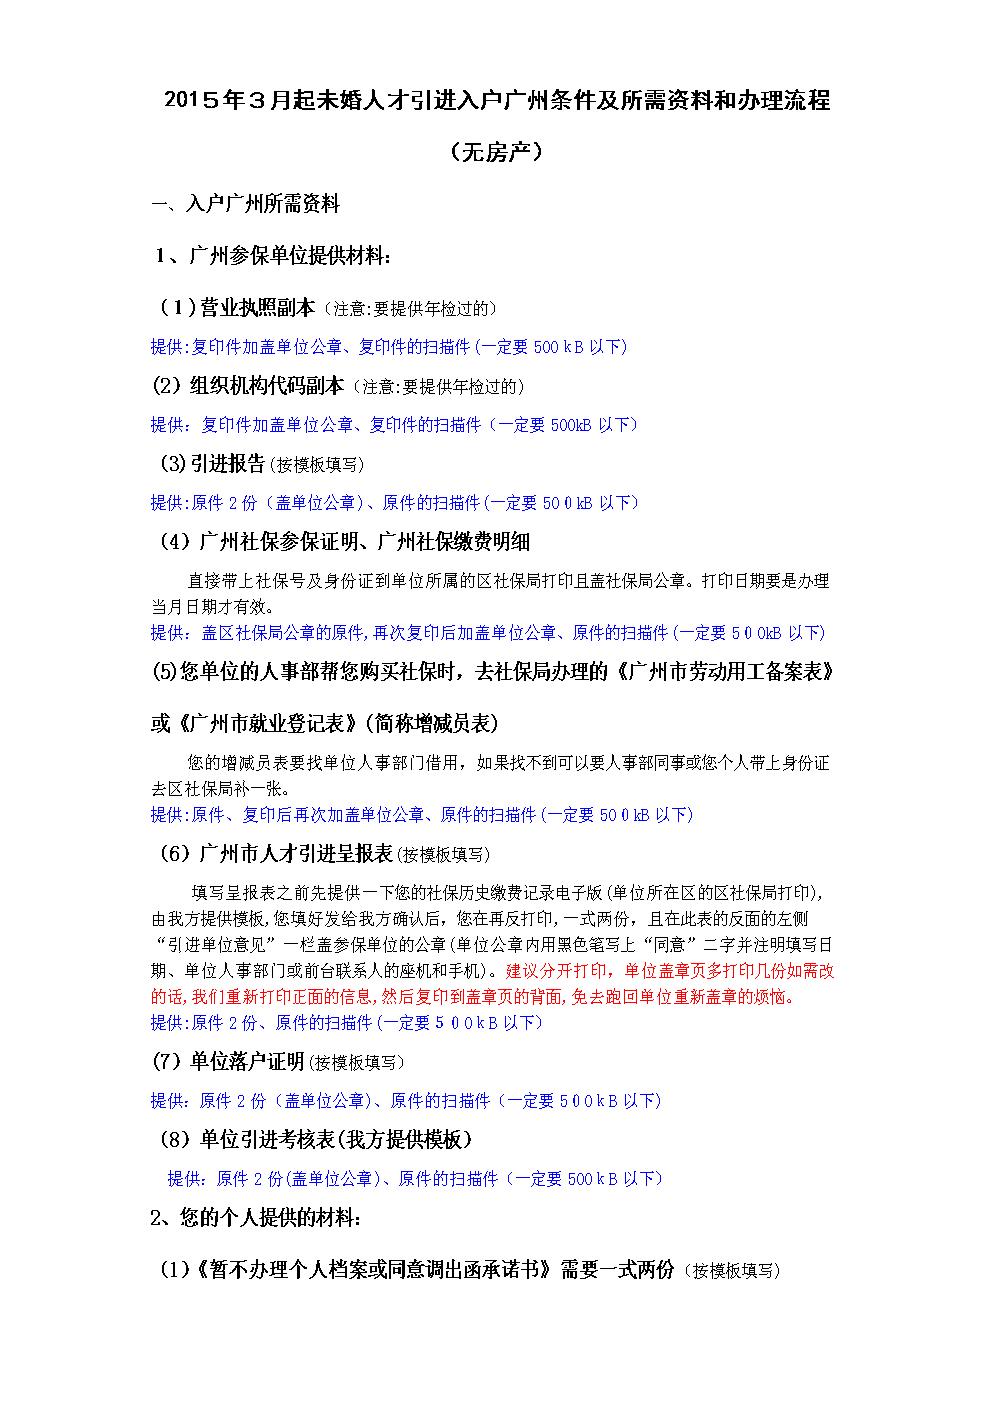 2015年3月起未婚人才引进入户广州申报材料清单(无房产).doc